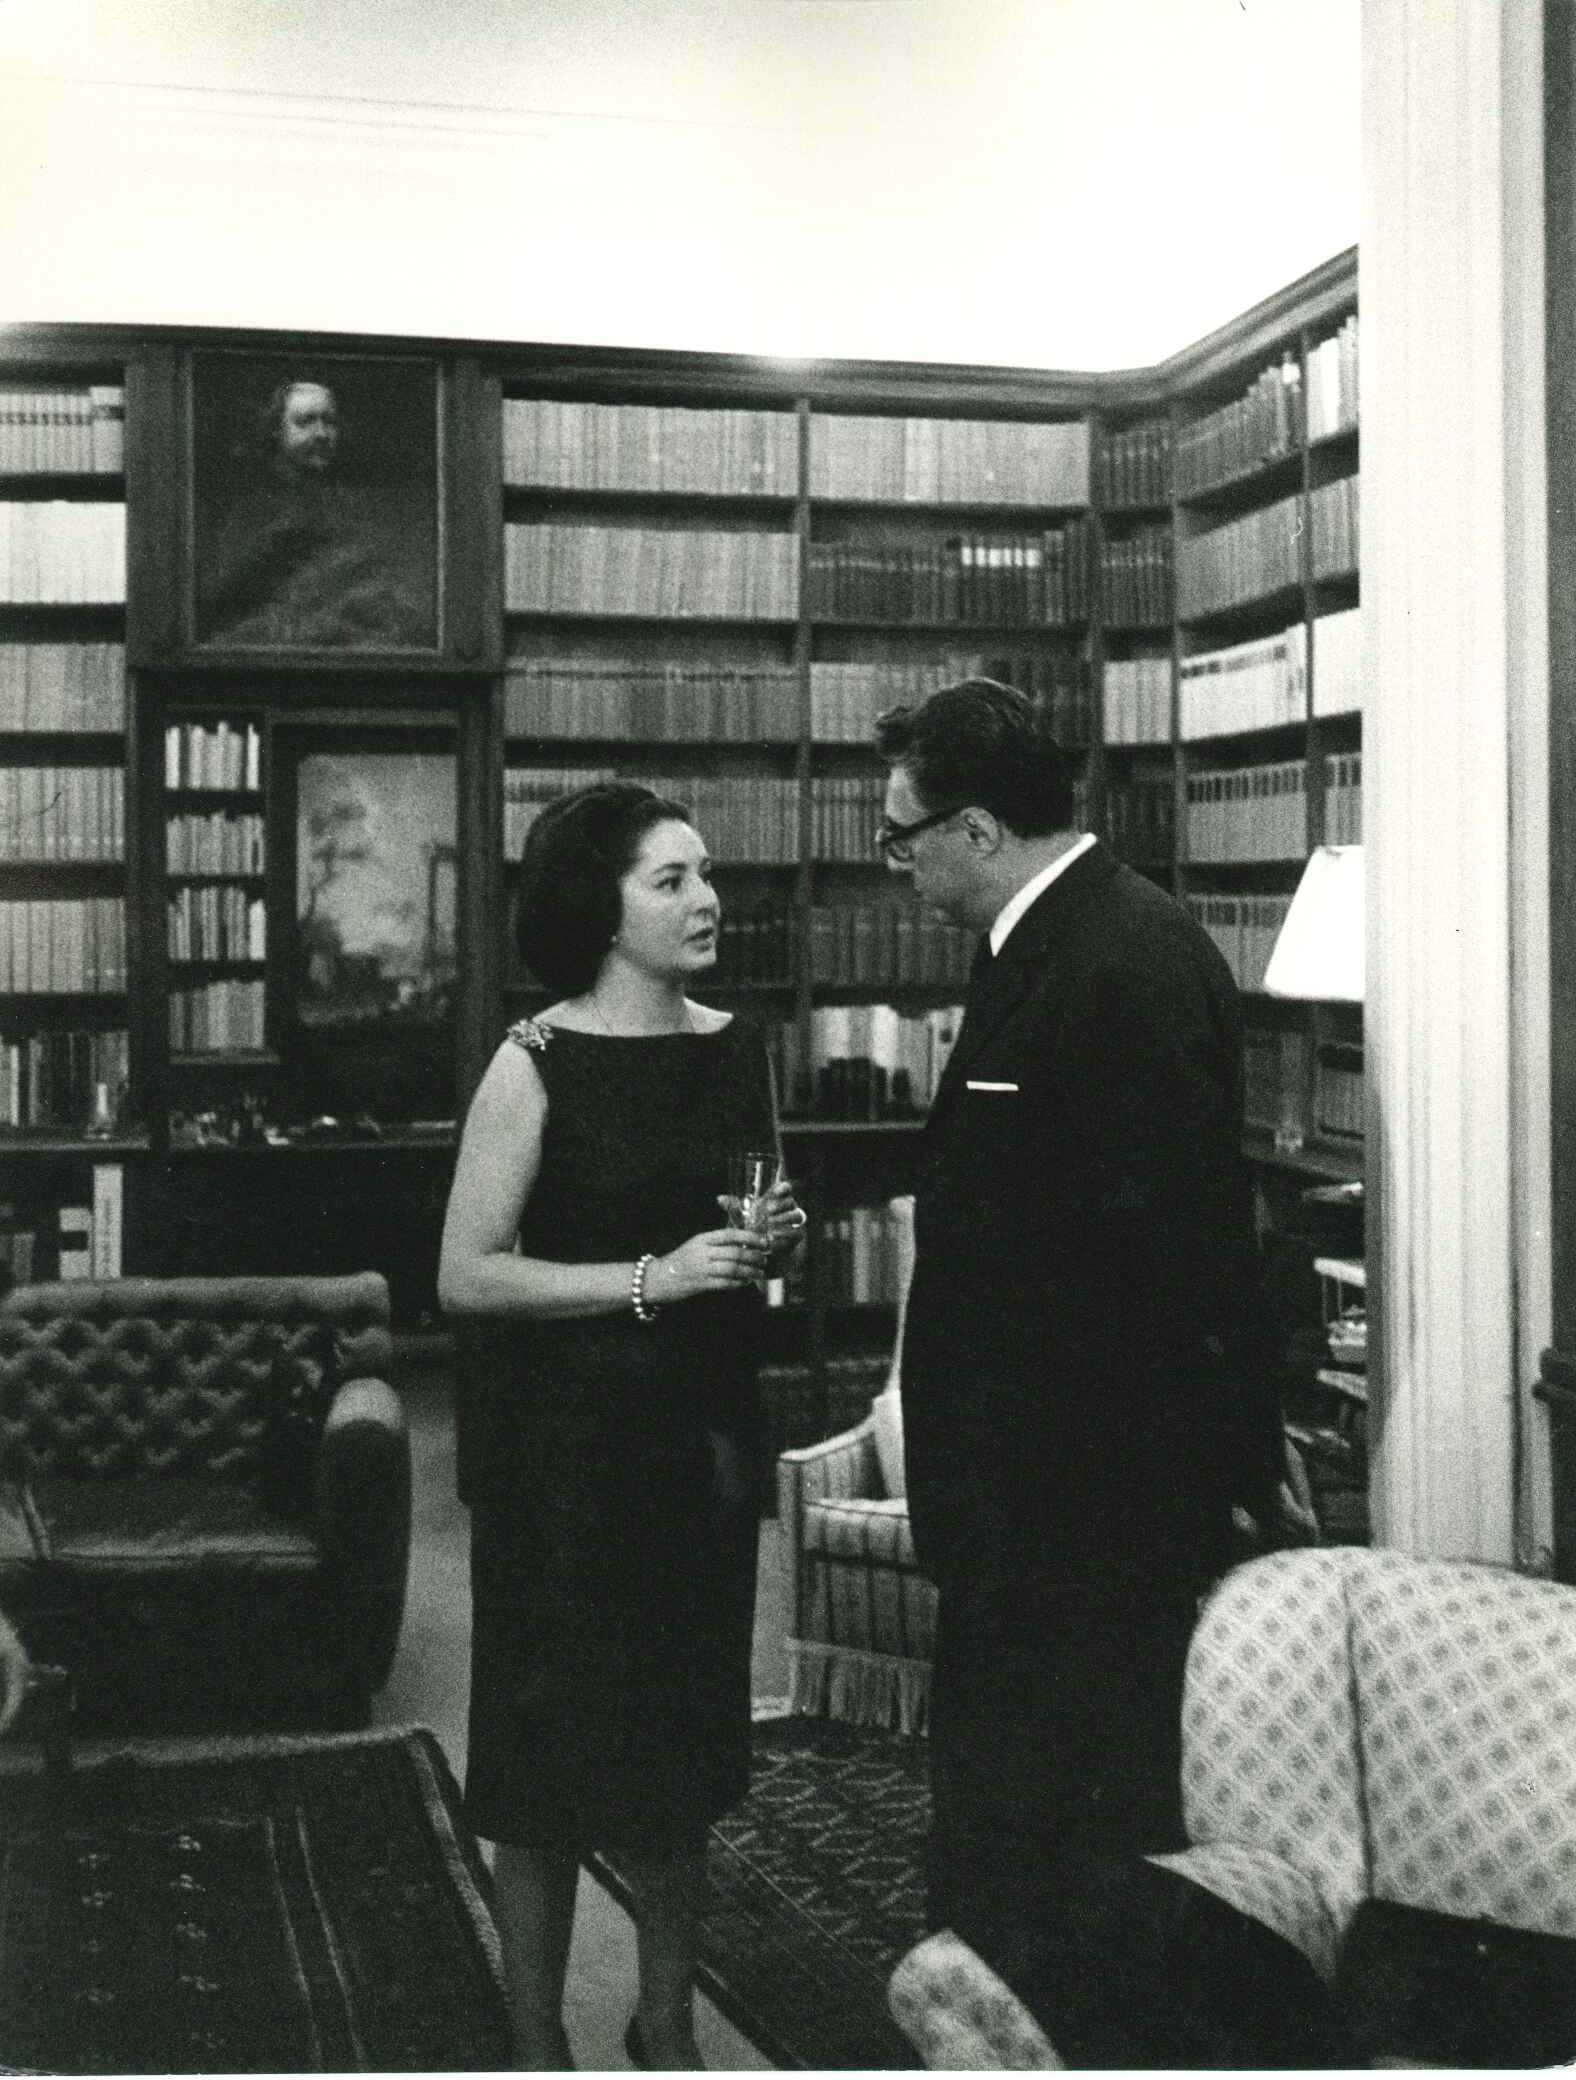 Arthur English (1919?995),Patrice Lovely Adult pics & movies Africa de la Rosa (1906?),Denise Pelletier